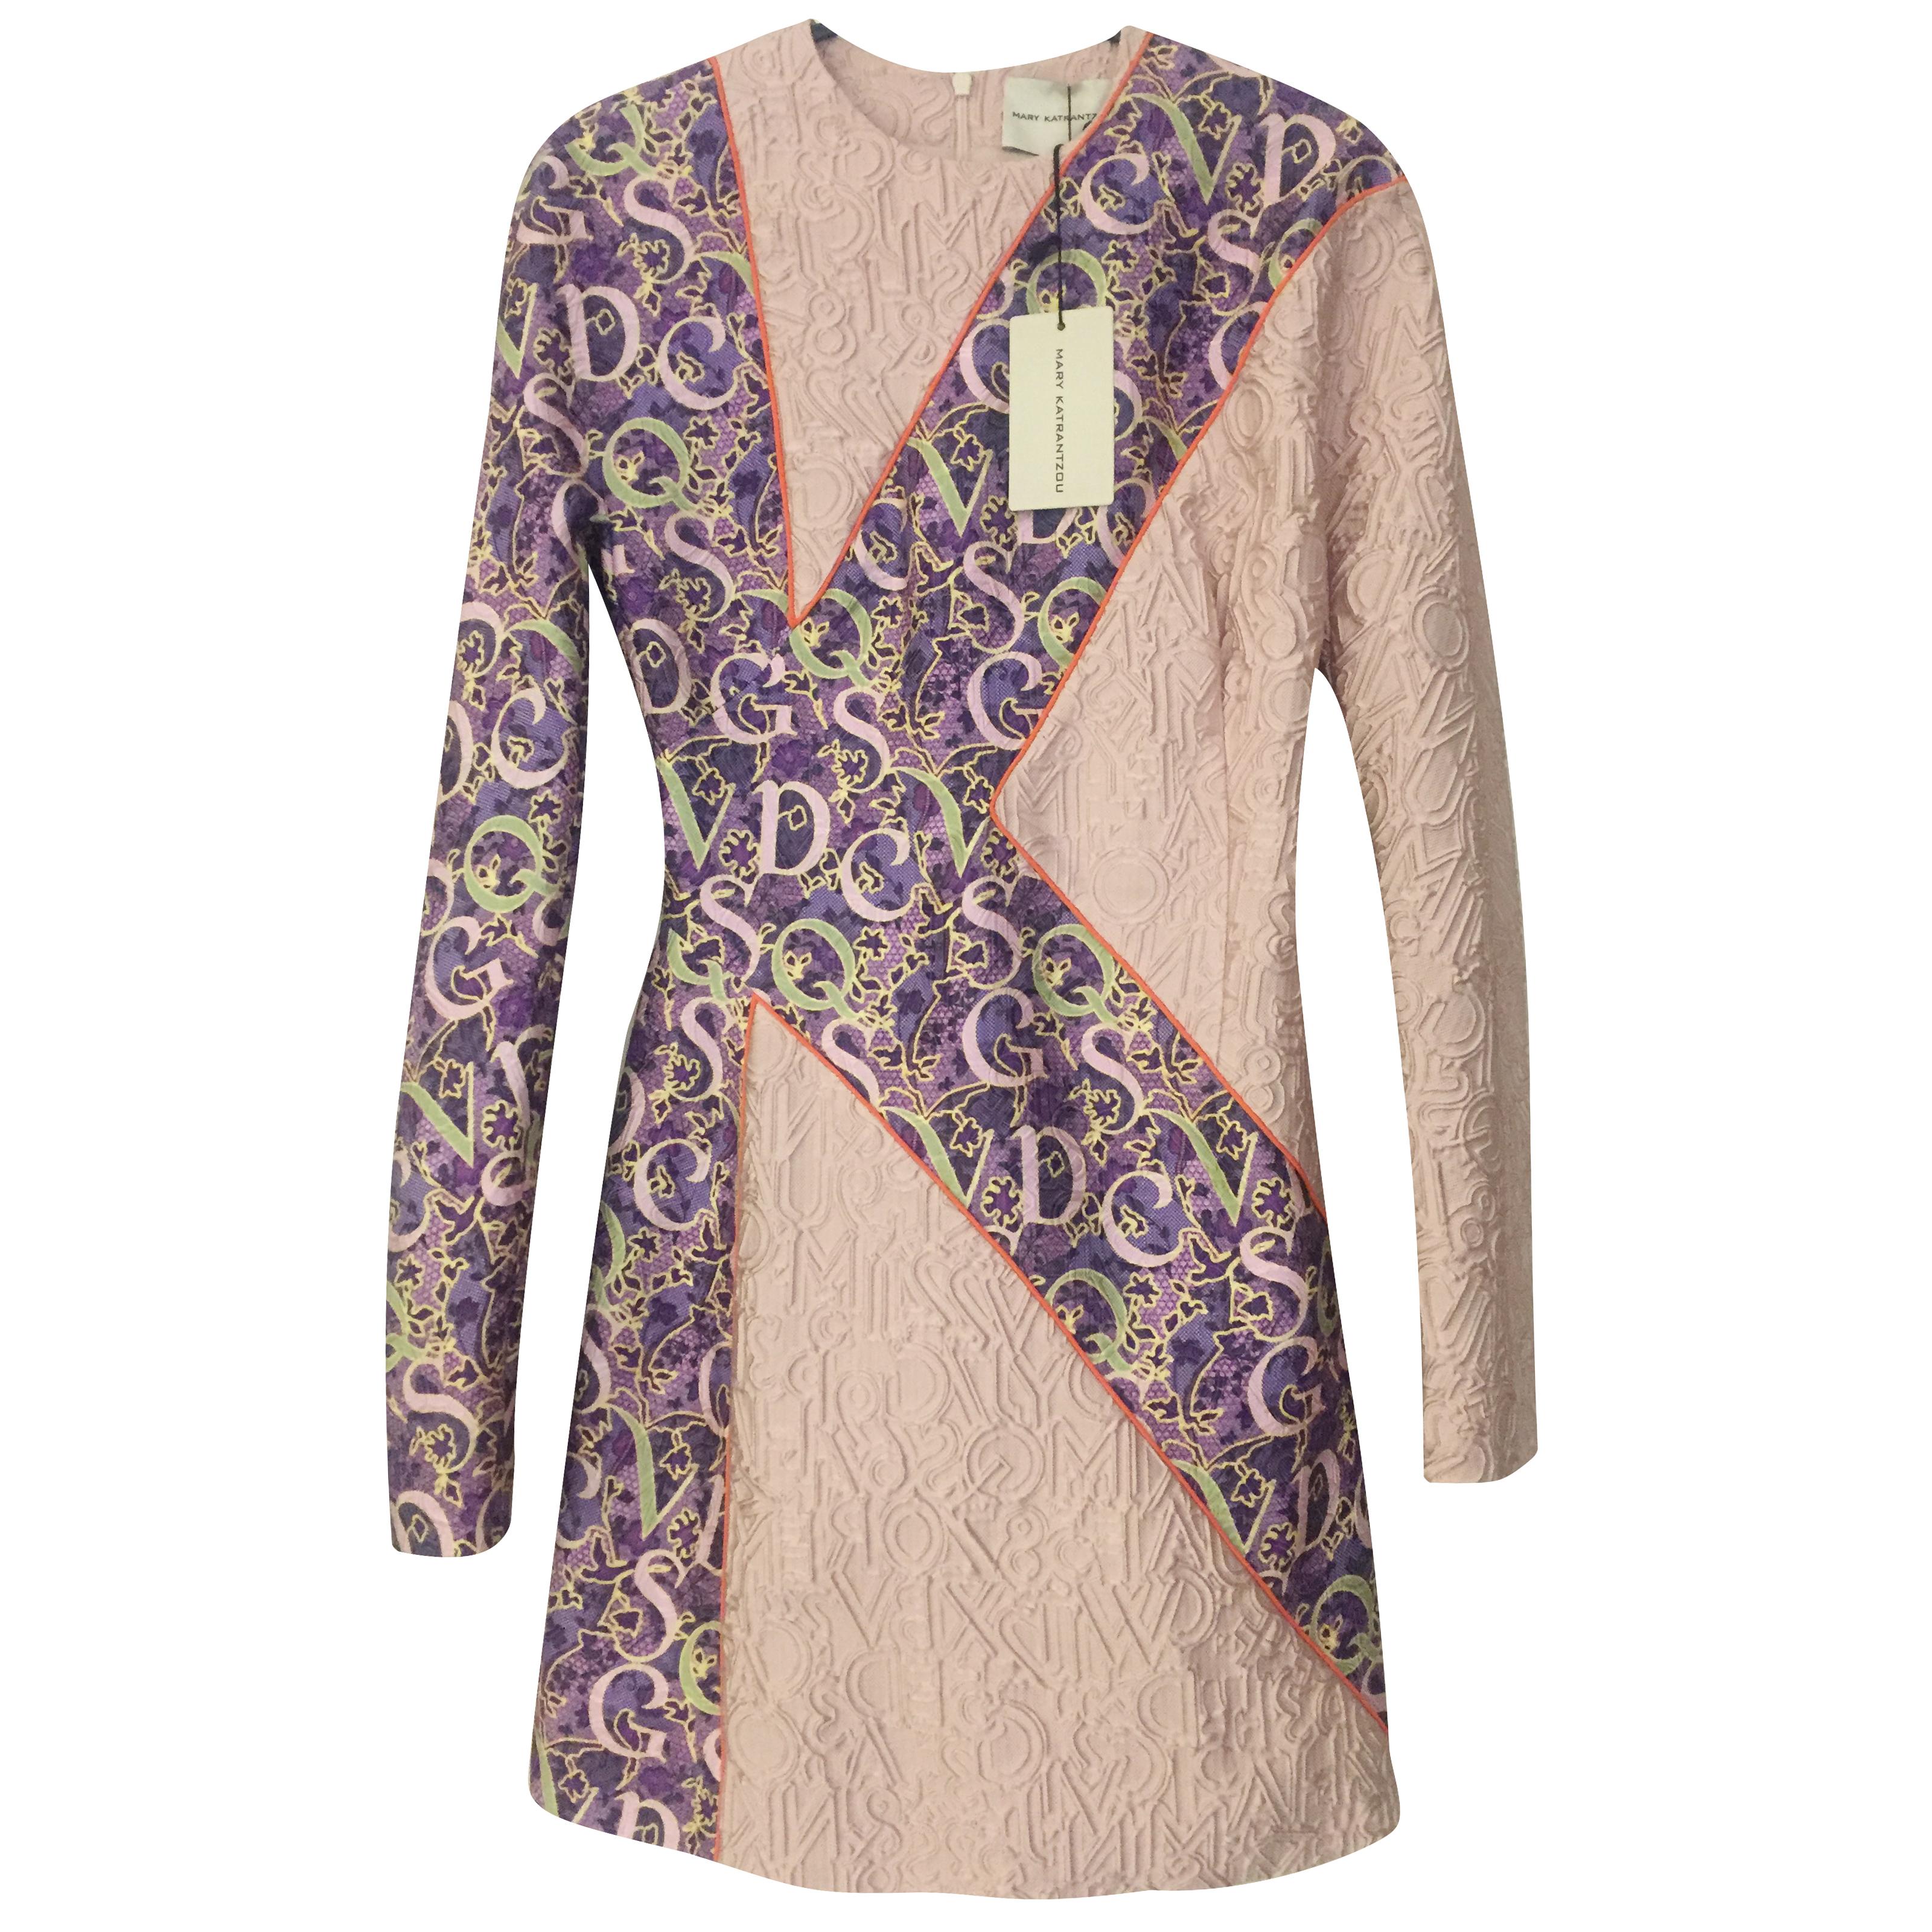 Mary Katrantzou K dress new with tags